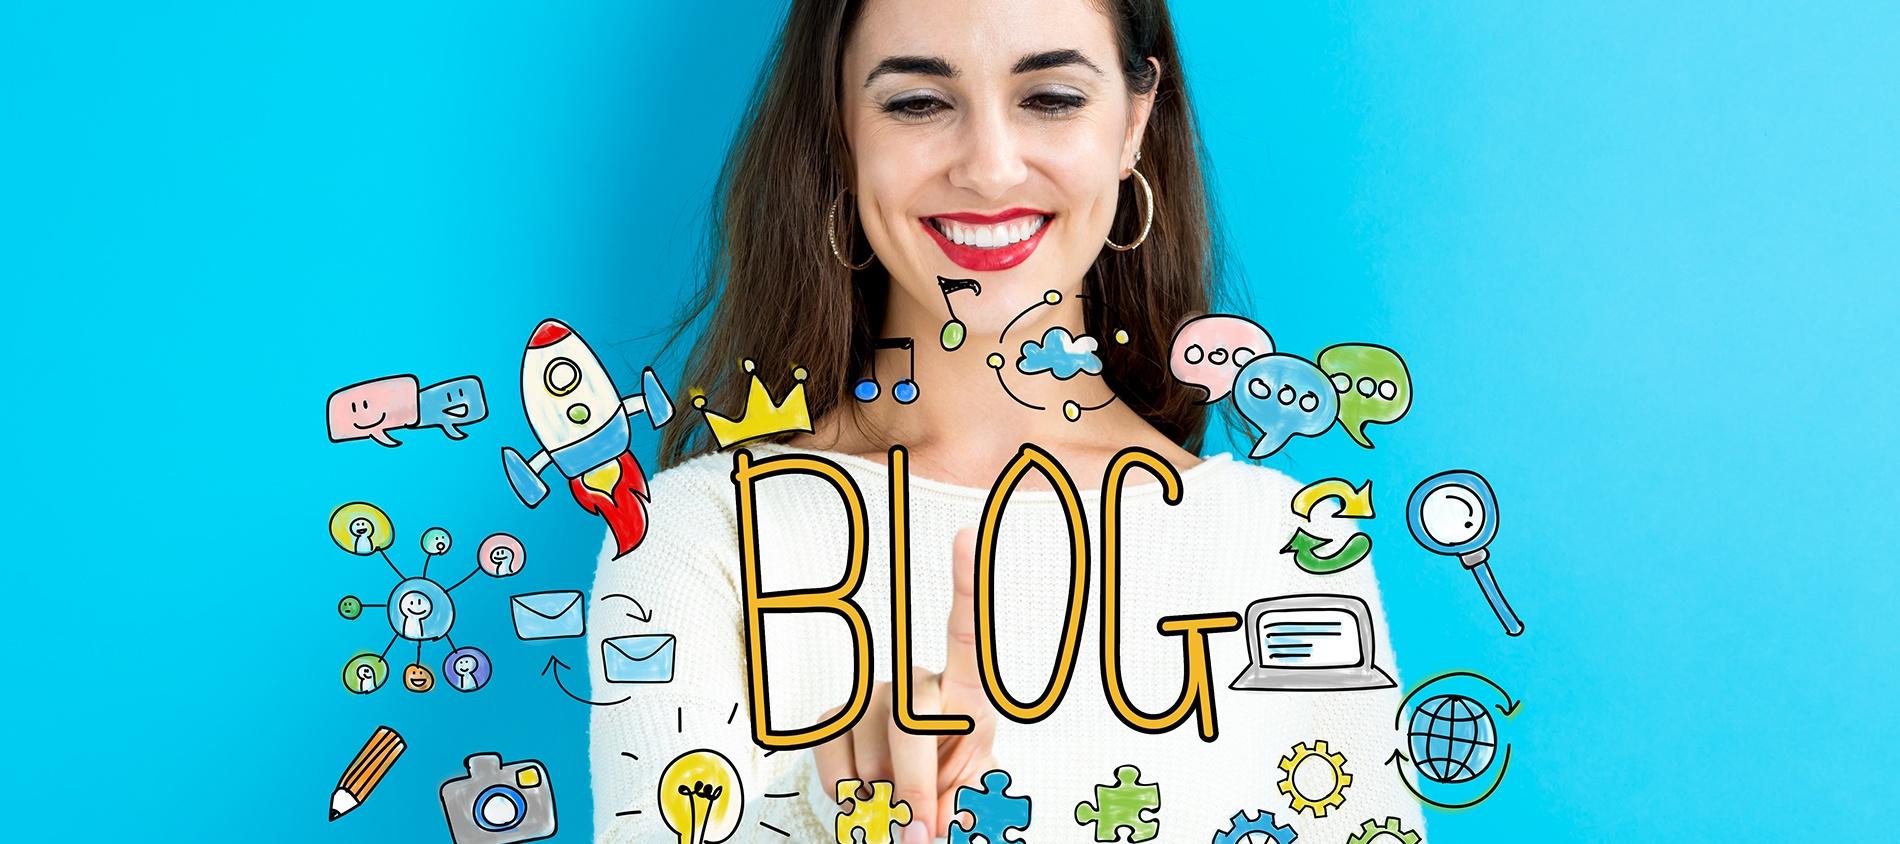 El blog como estrategia de marketing